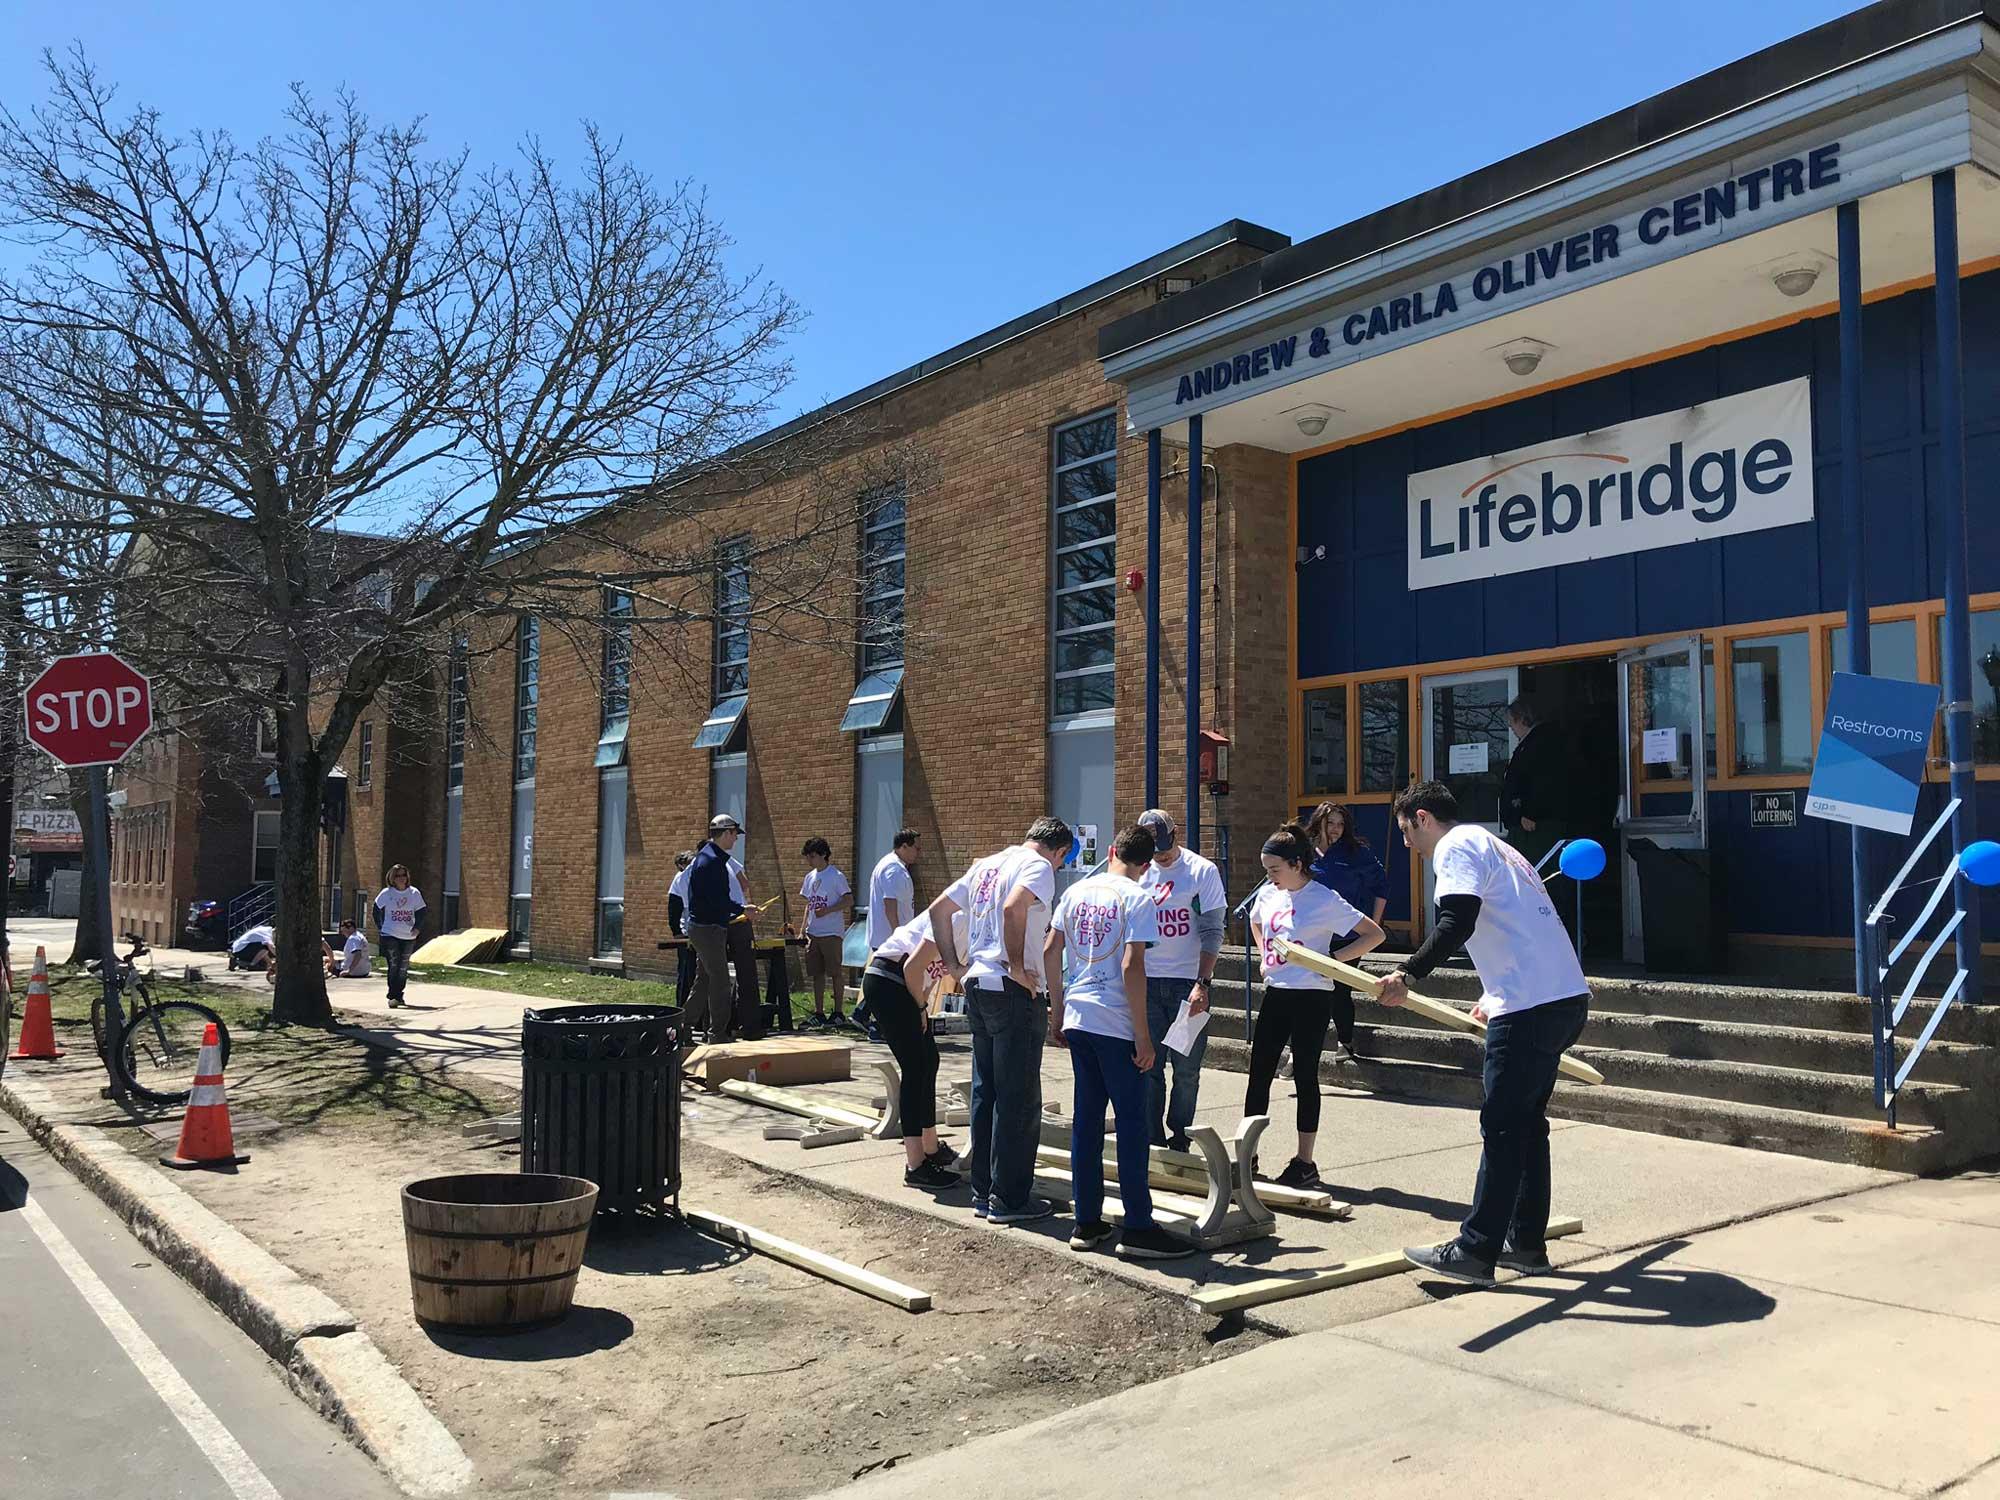 Lifebridge volunteers exterior